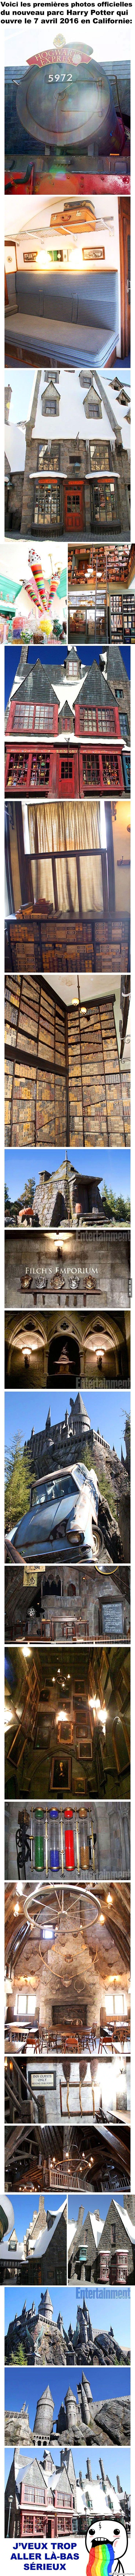 Les premières photos du parc d'attractions Harry Potter en Californie